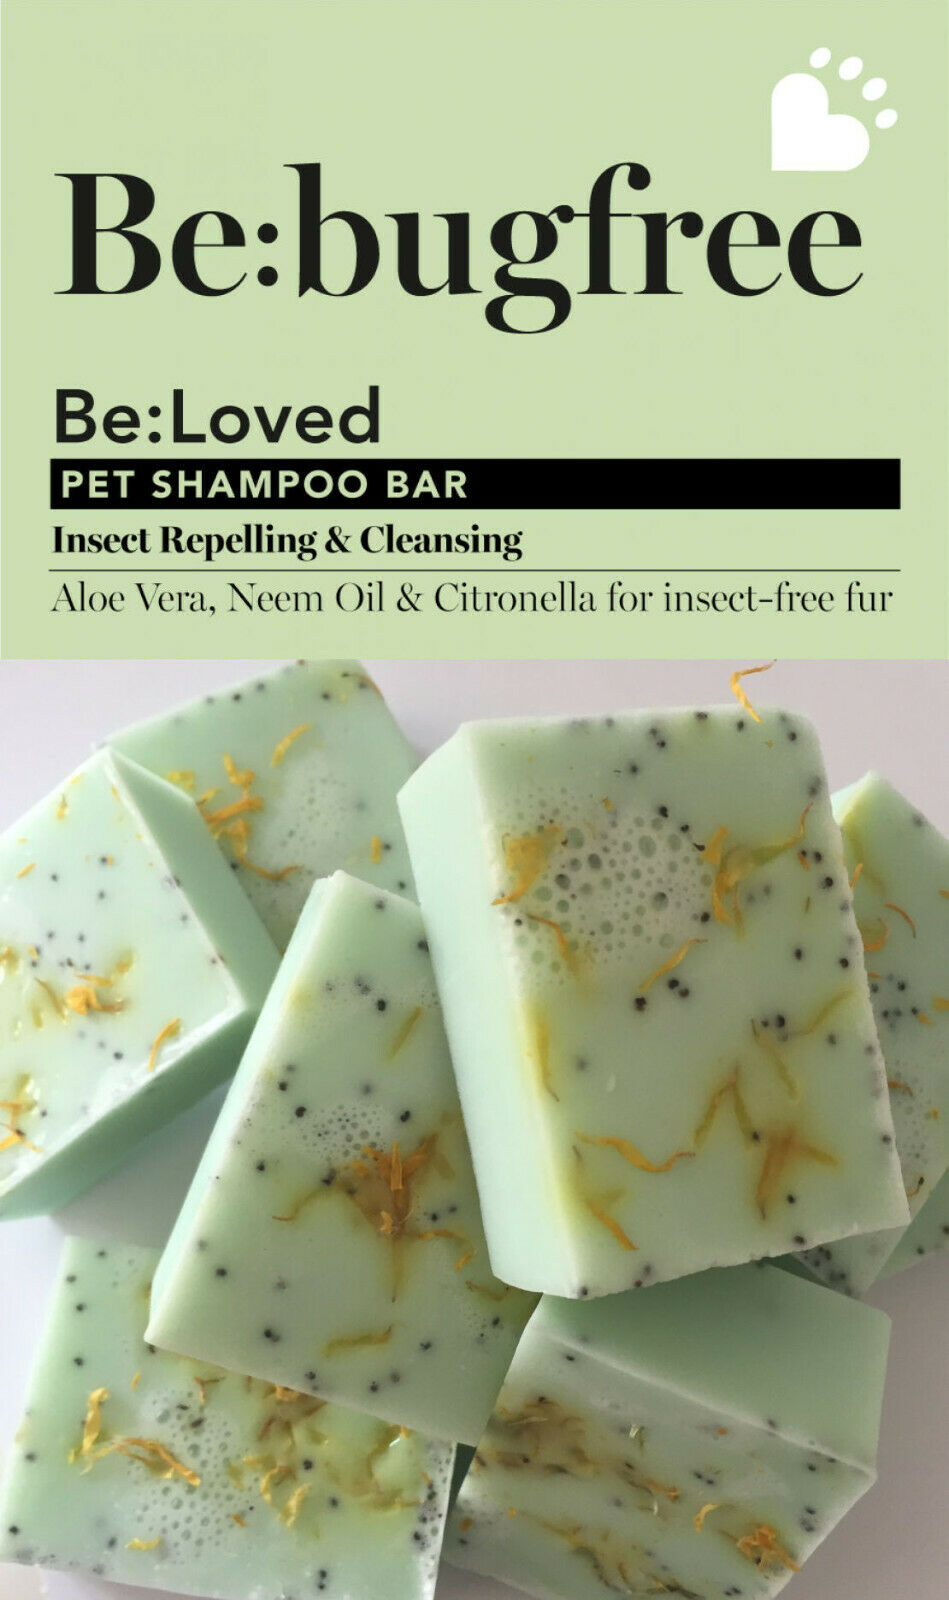 Be:Loved Shampoo Bar